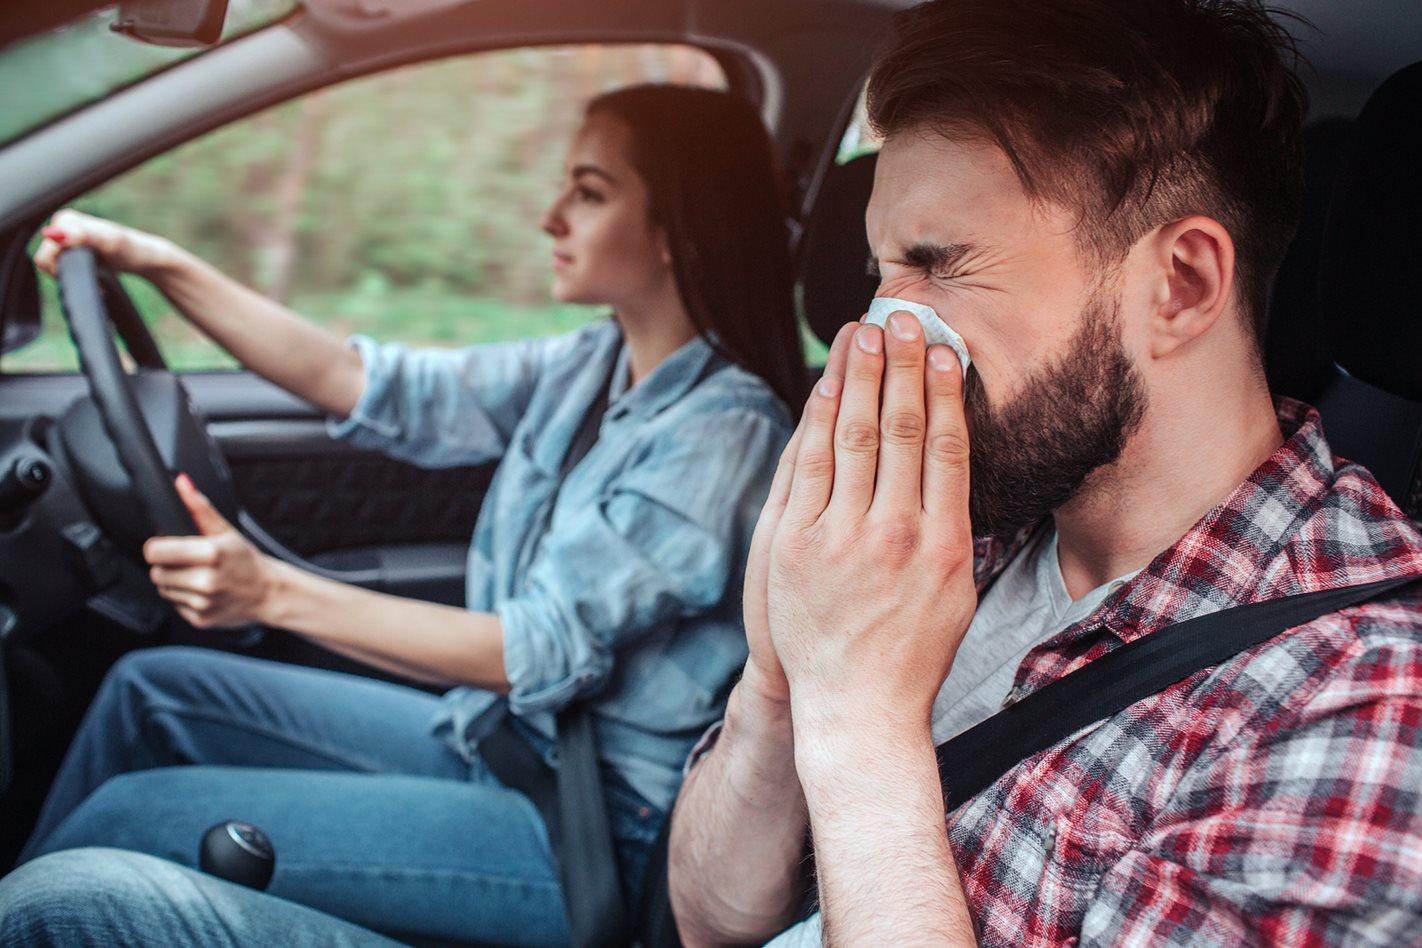 sneezing in car